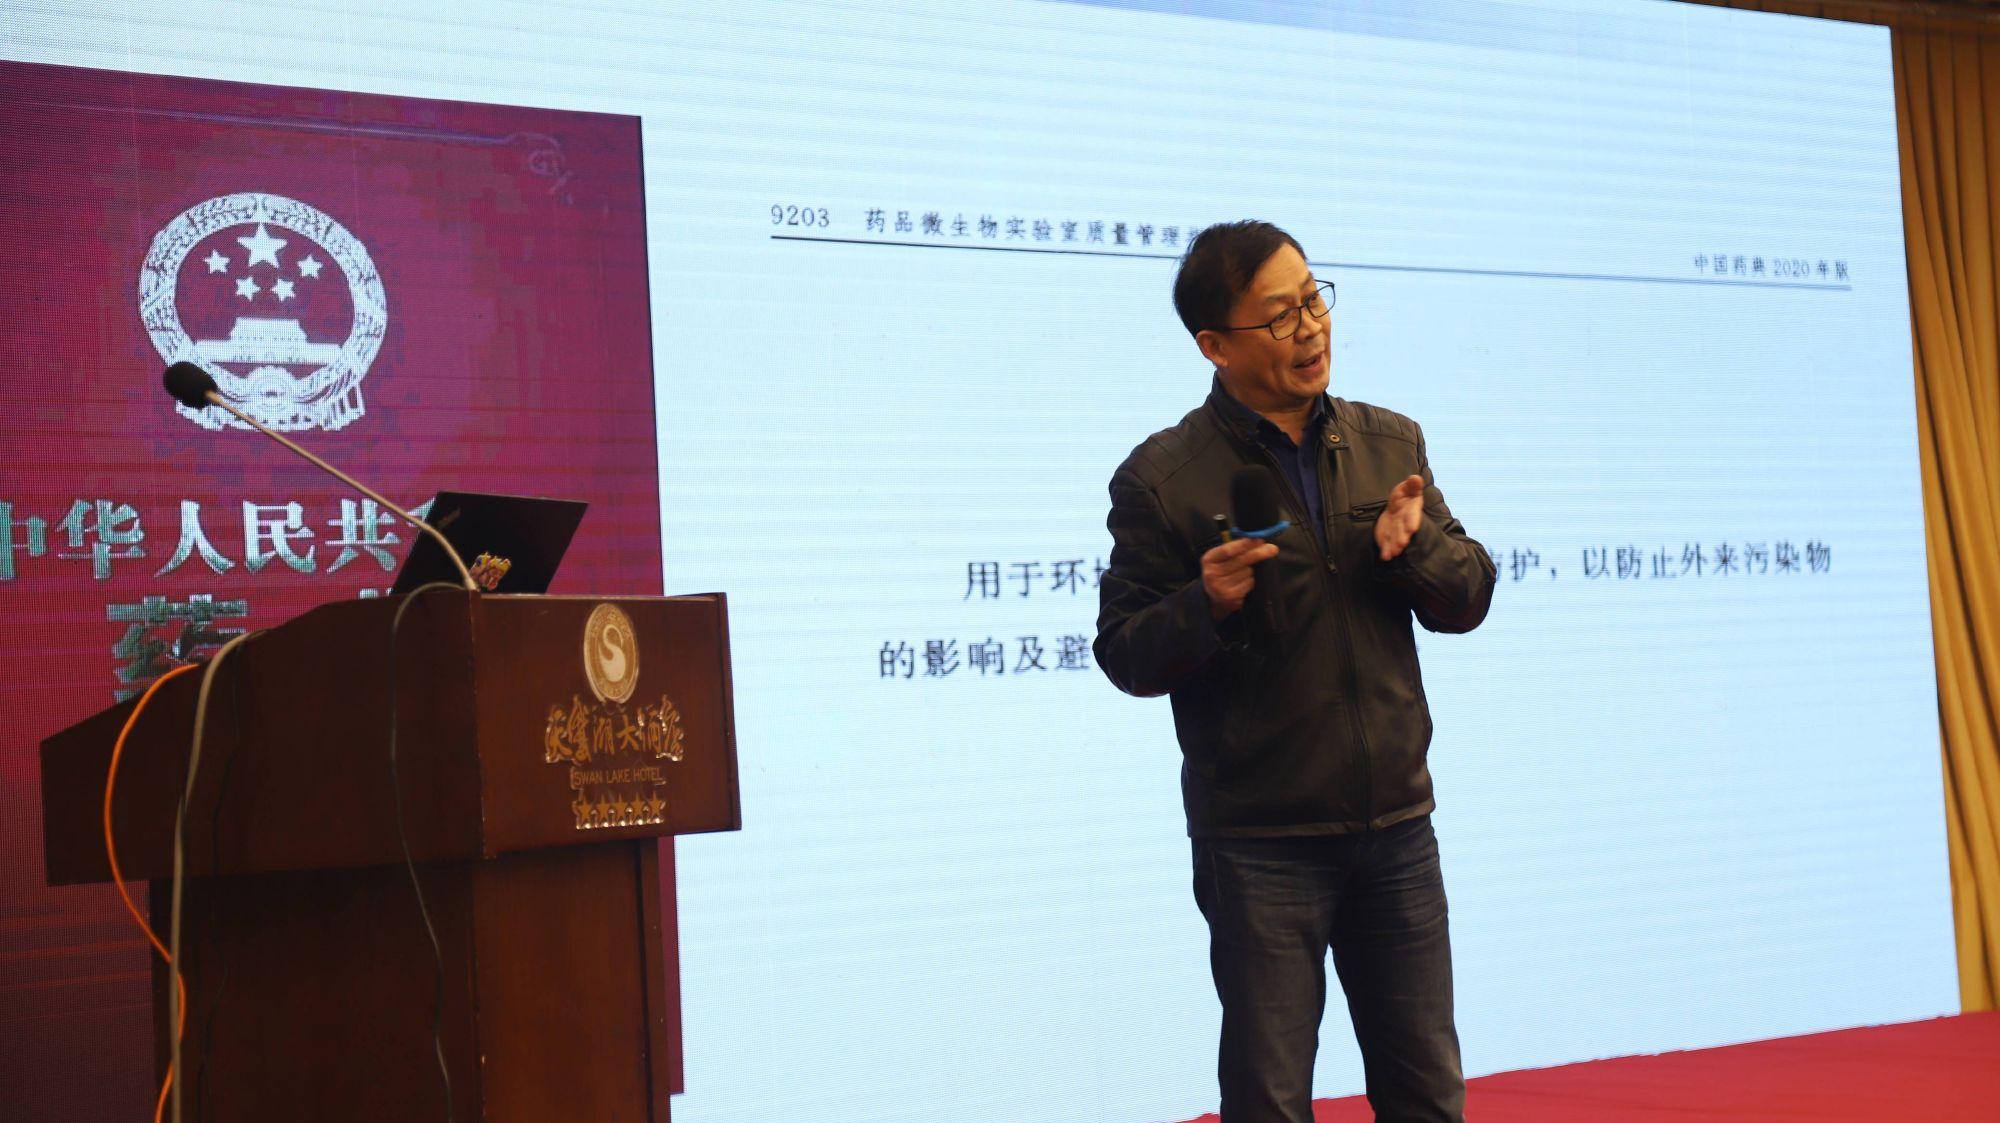 柴海毅 上海诺狄制药微生物专家